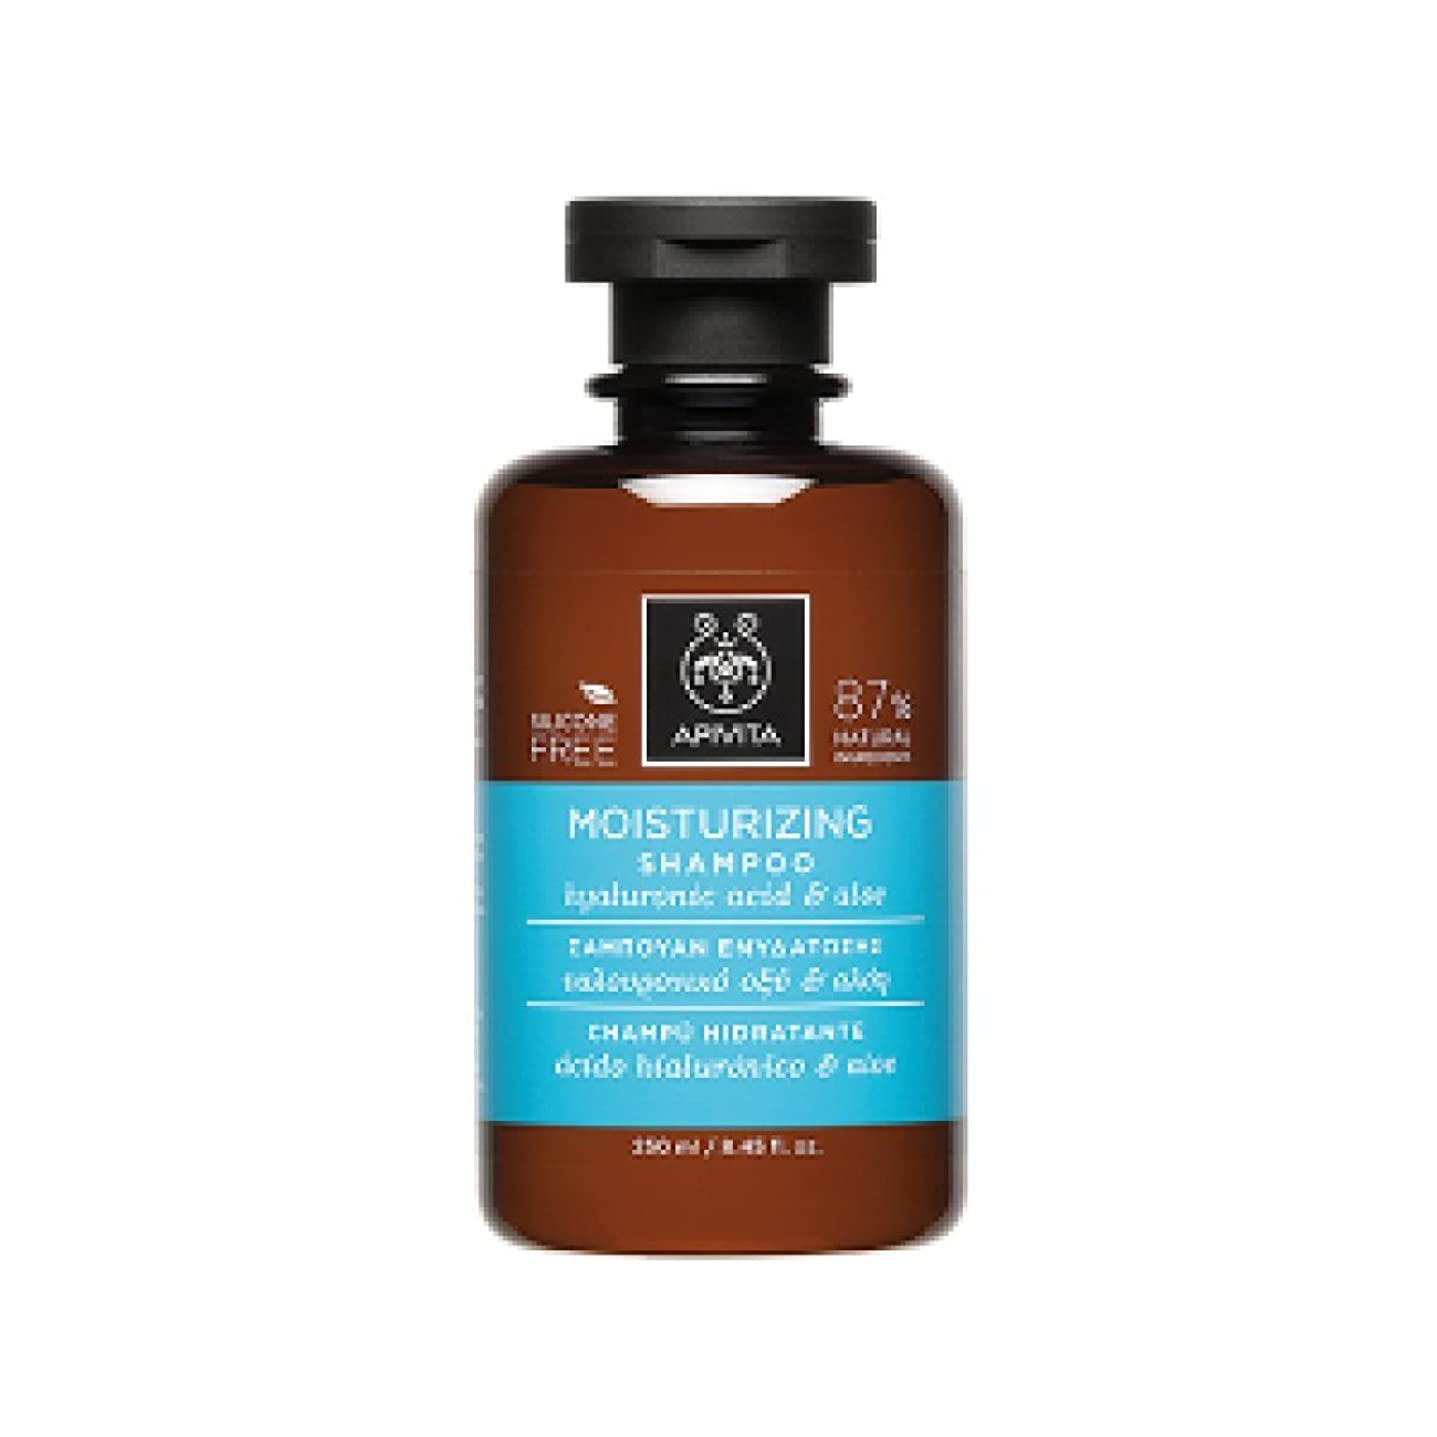 無礼に考える絵アピヴィータ Moisturizing Shampoo with Hyaluronic Acid & Aloe (For All Hair Types) 250ml [並行輸入品]